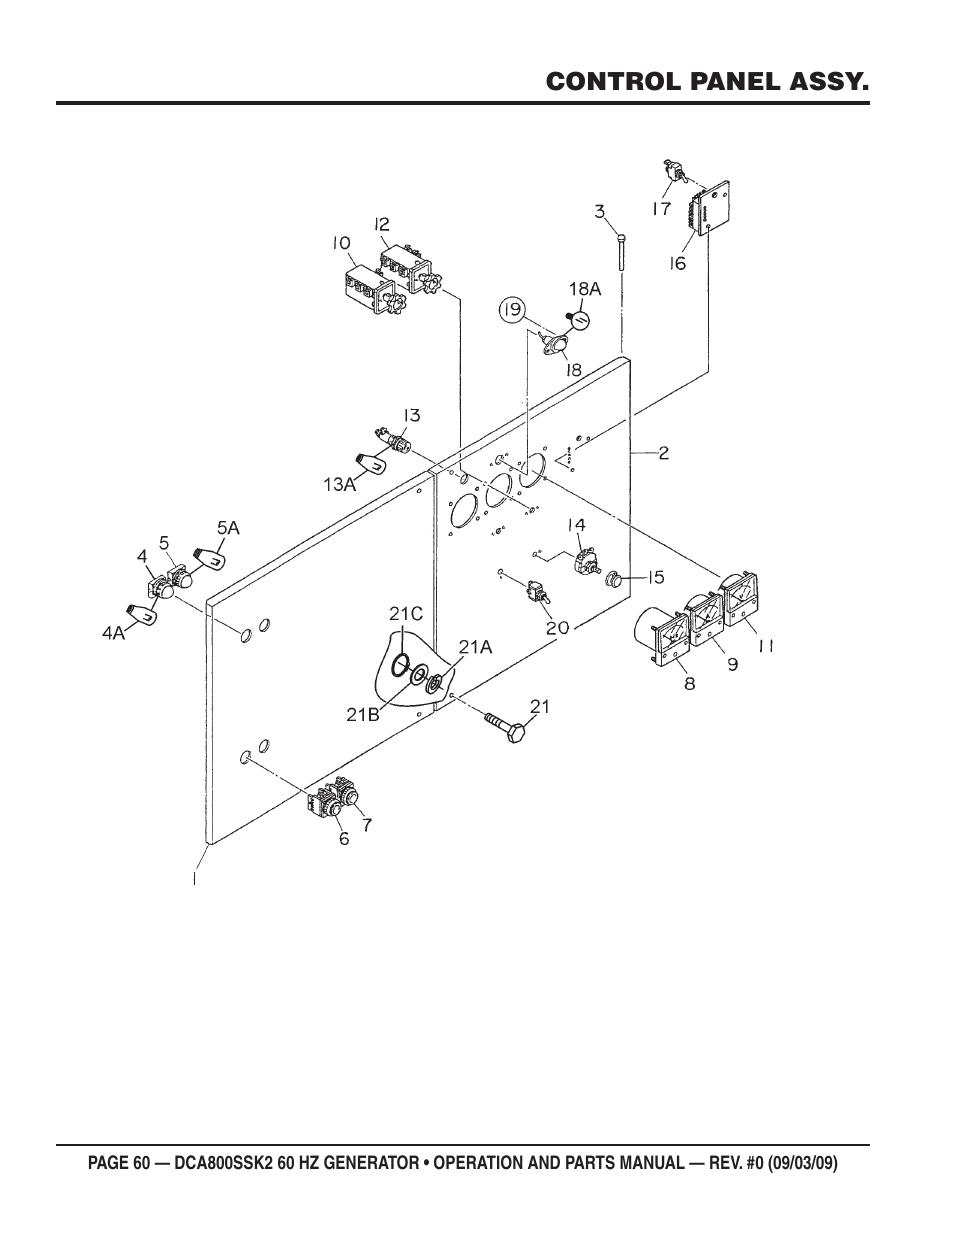 Multiquip MQ POWER WHISPERWATT SERIES 60HZ GENERATOR (STD ) (KOMATSU